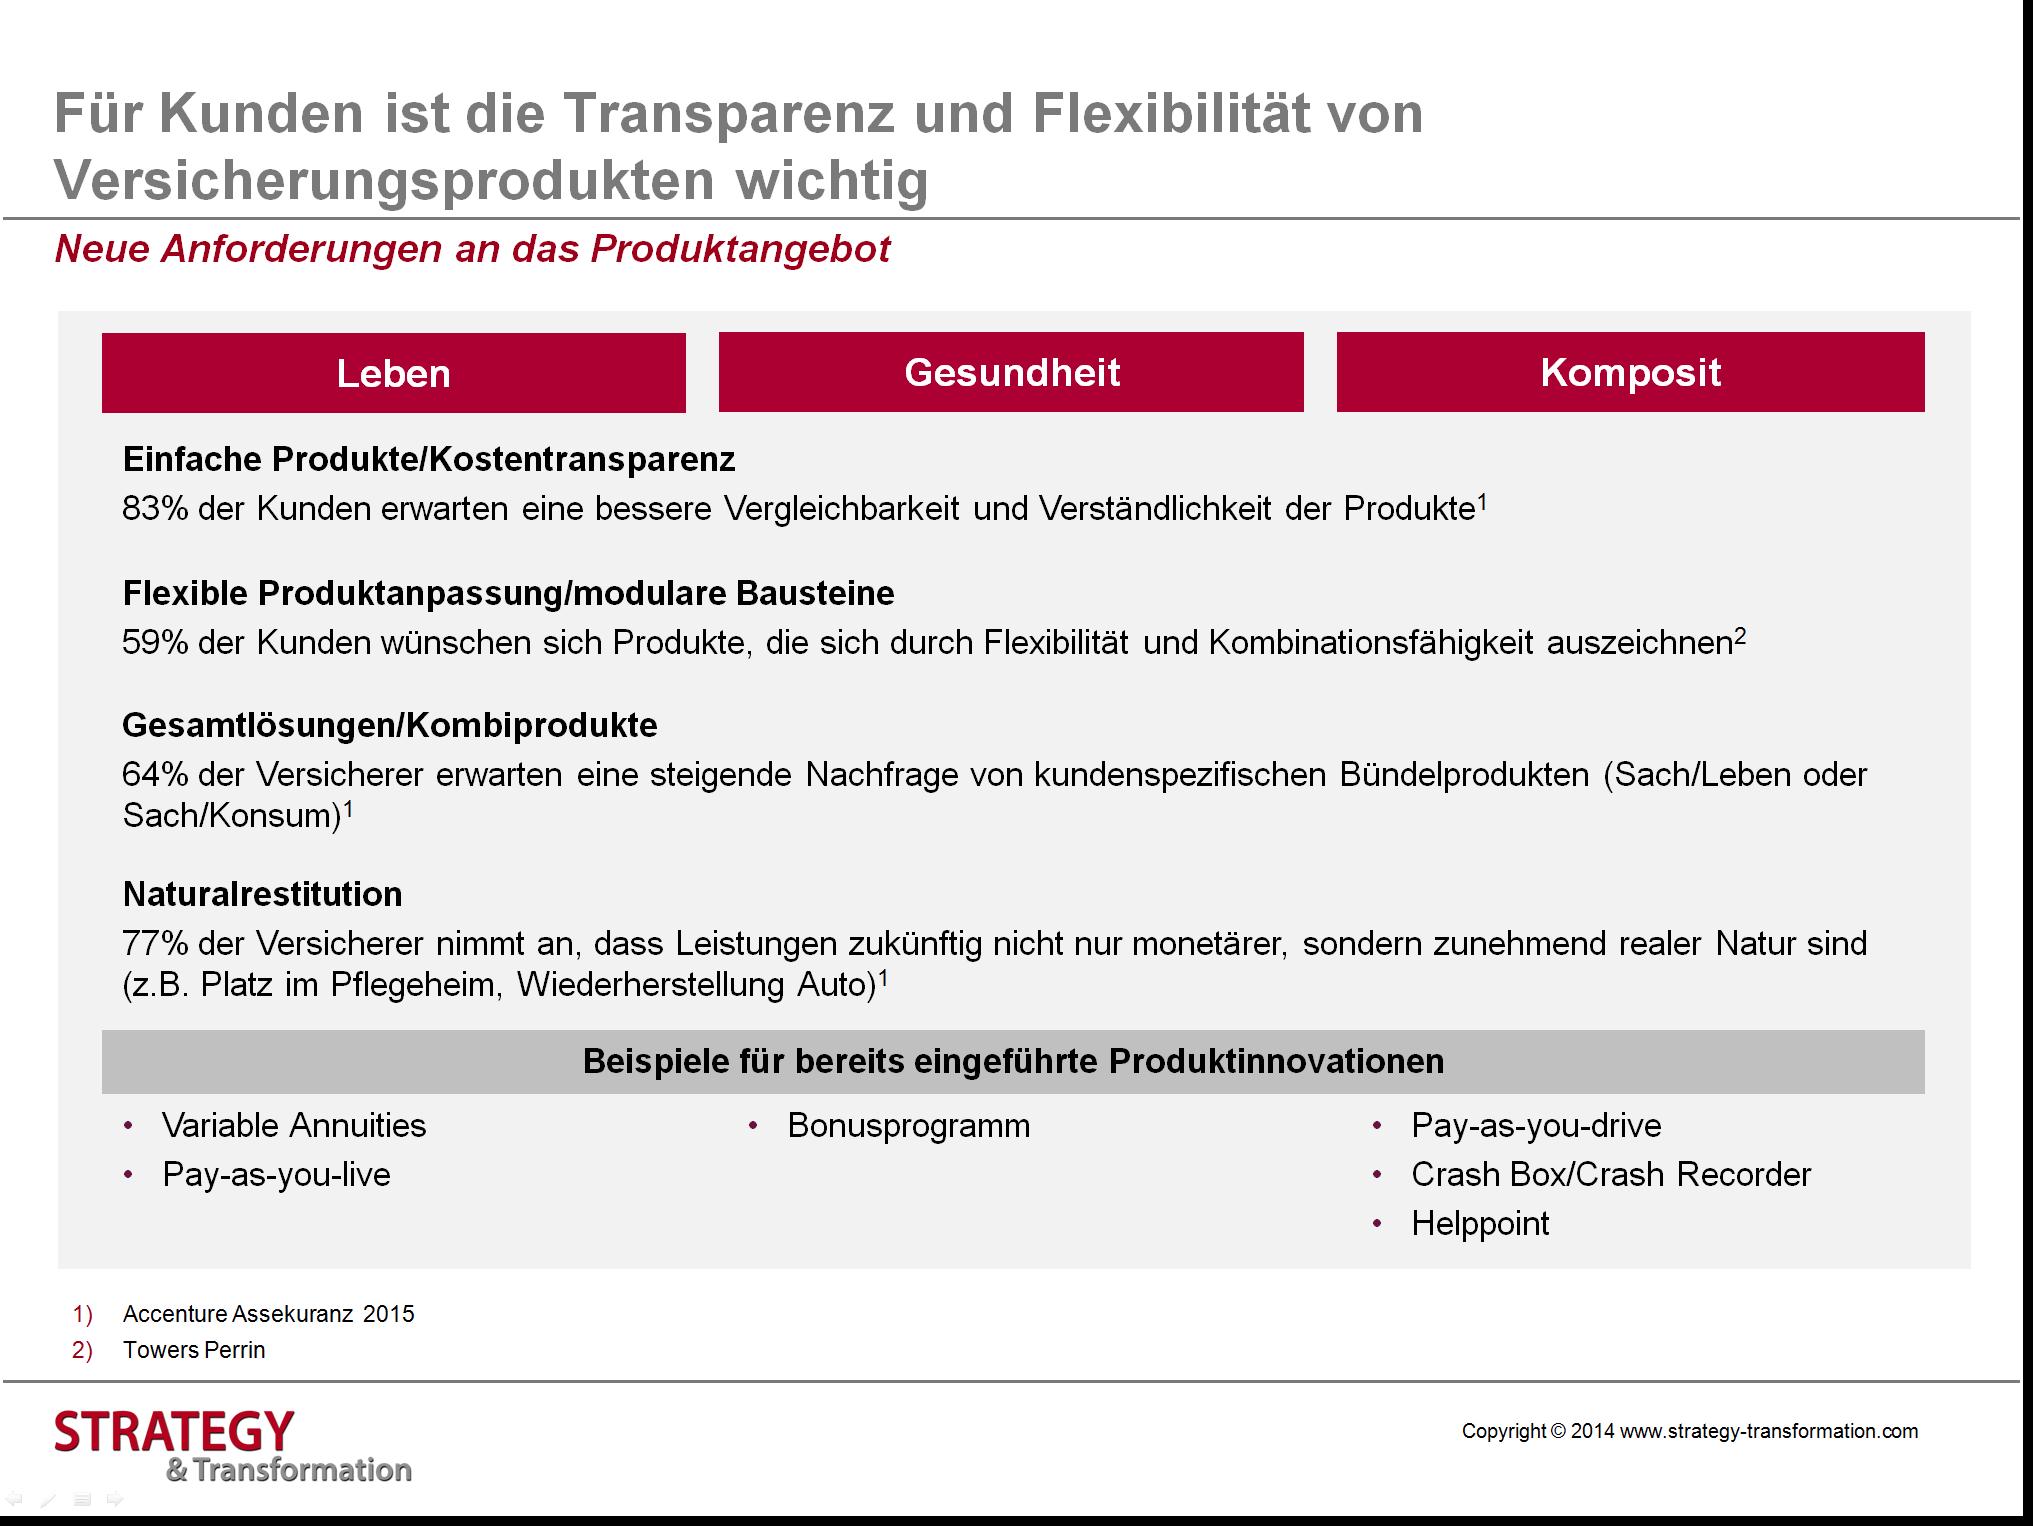 Digitale Transformation Versicherung_Neue Anforderungen